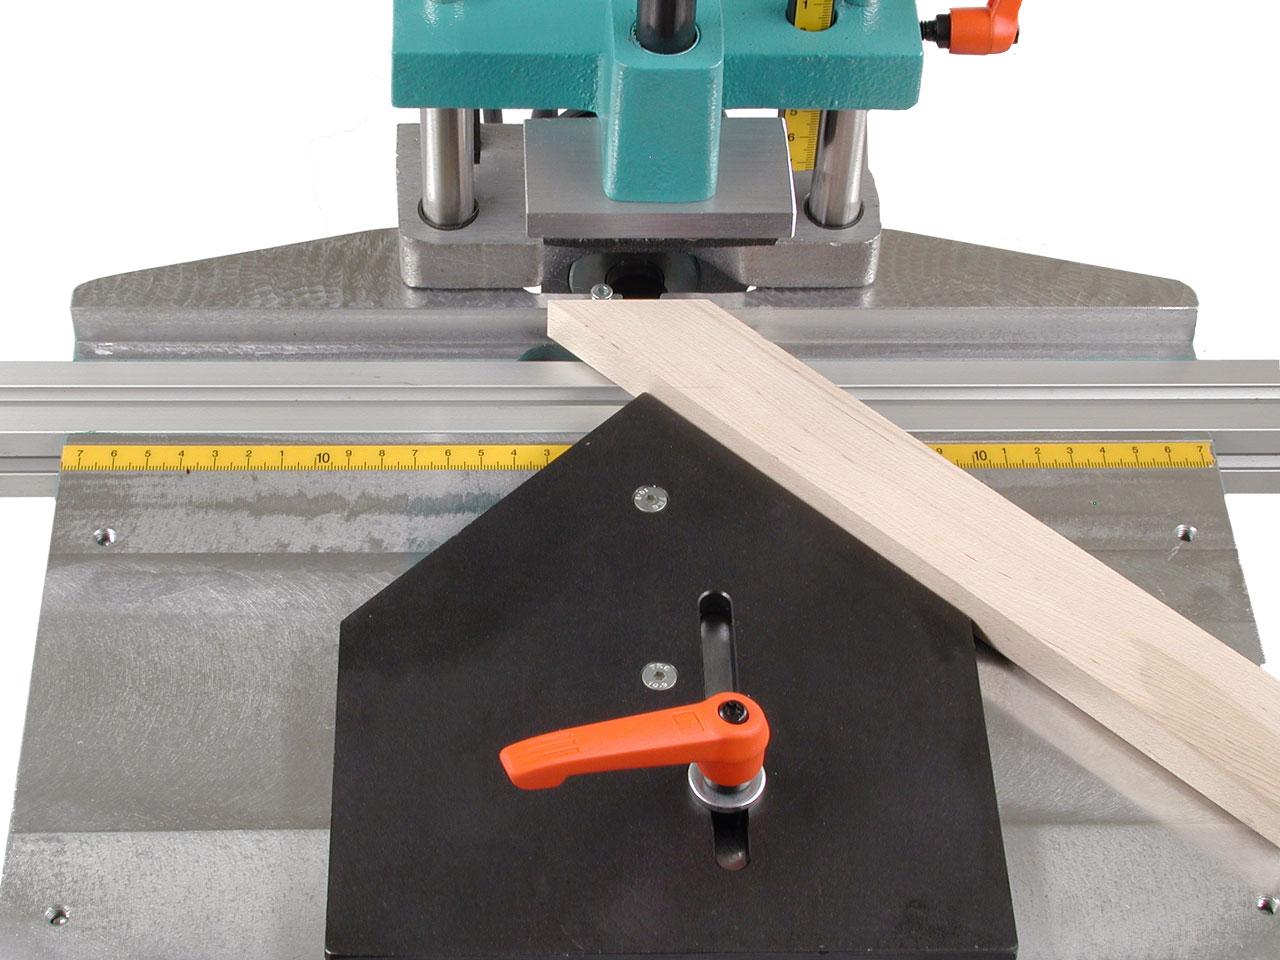 x18-miter-joint-hoffmann-dovetail-routing-machine-w1000180.jpg